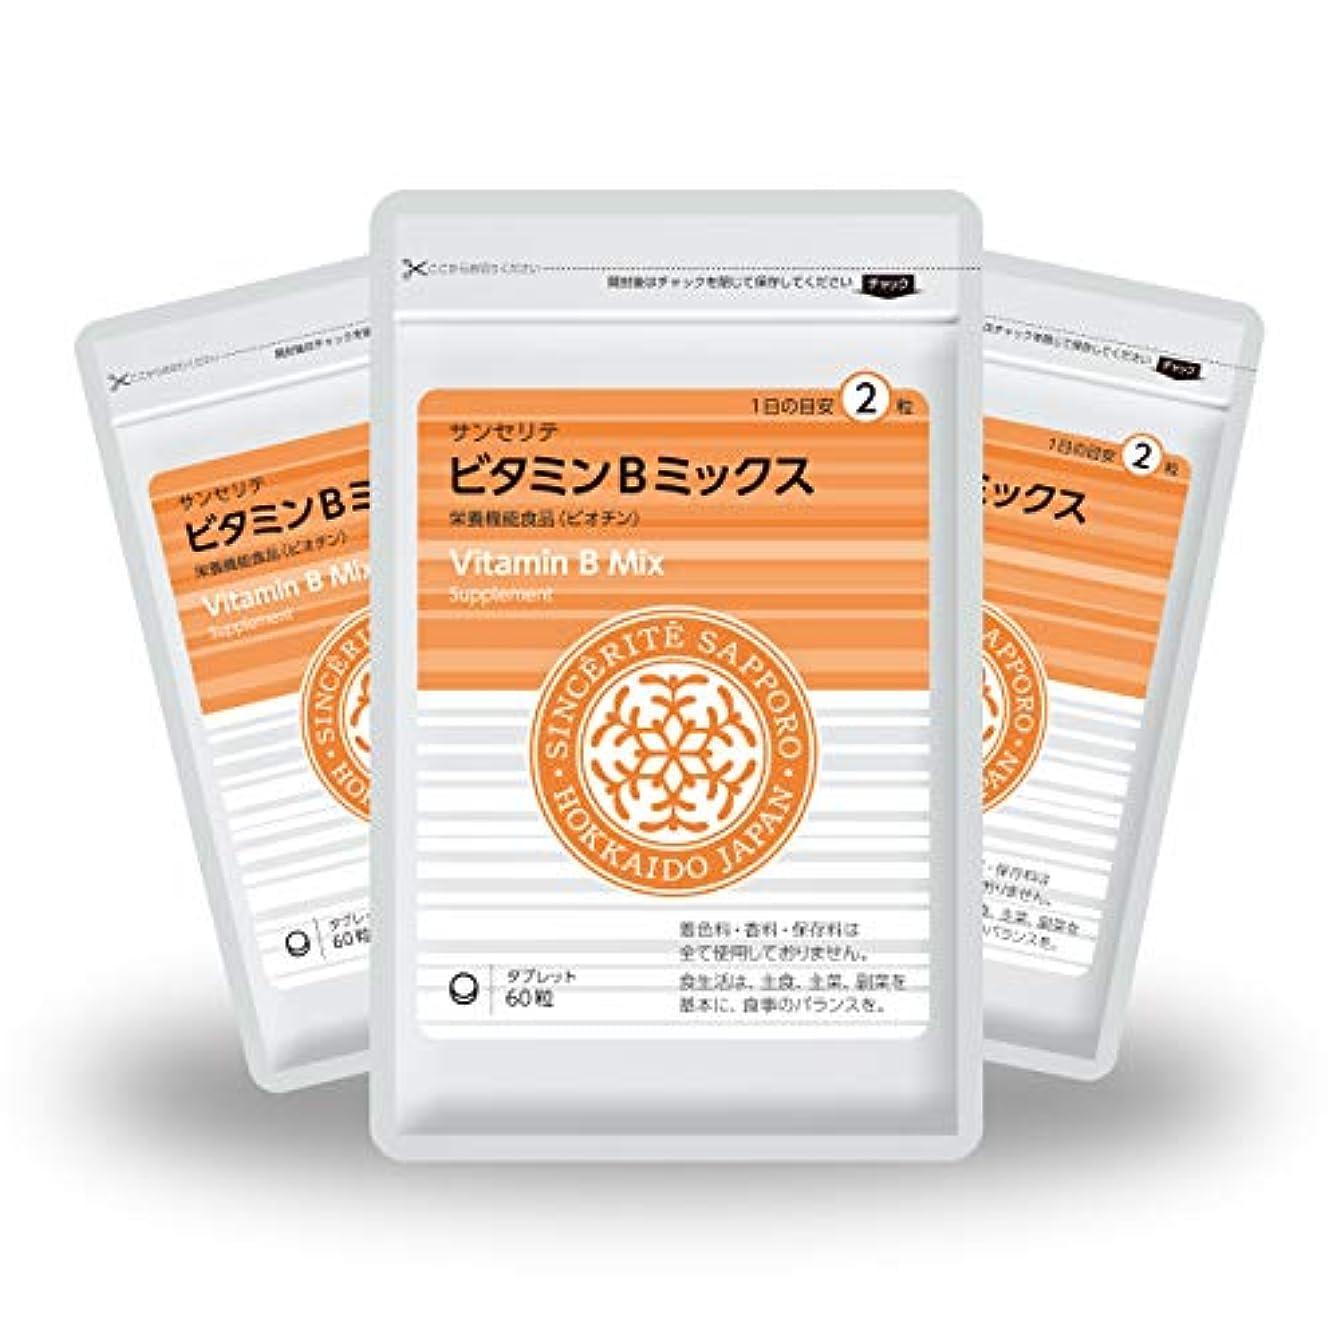 マグ机教師の日ビタミンBミックス 3袋セット[栄養機能食品]ビタミンB群たっぷり配合[国内製造]お得な★90日分